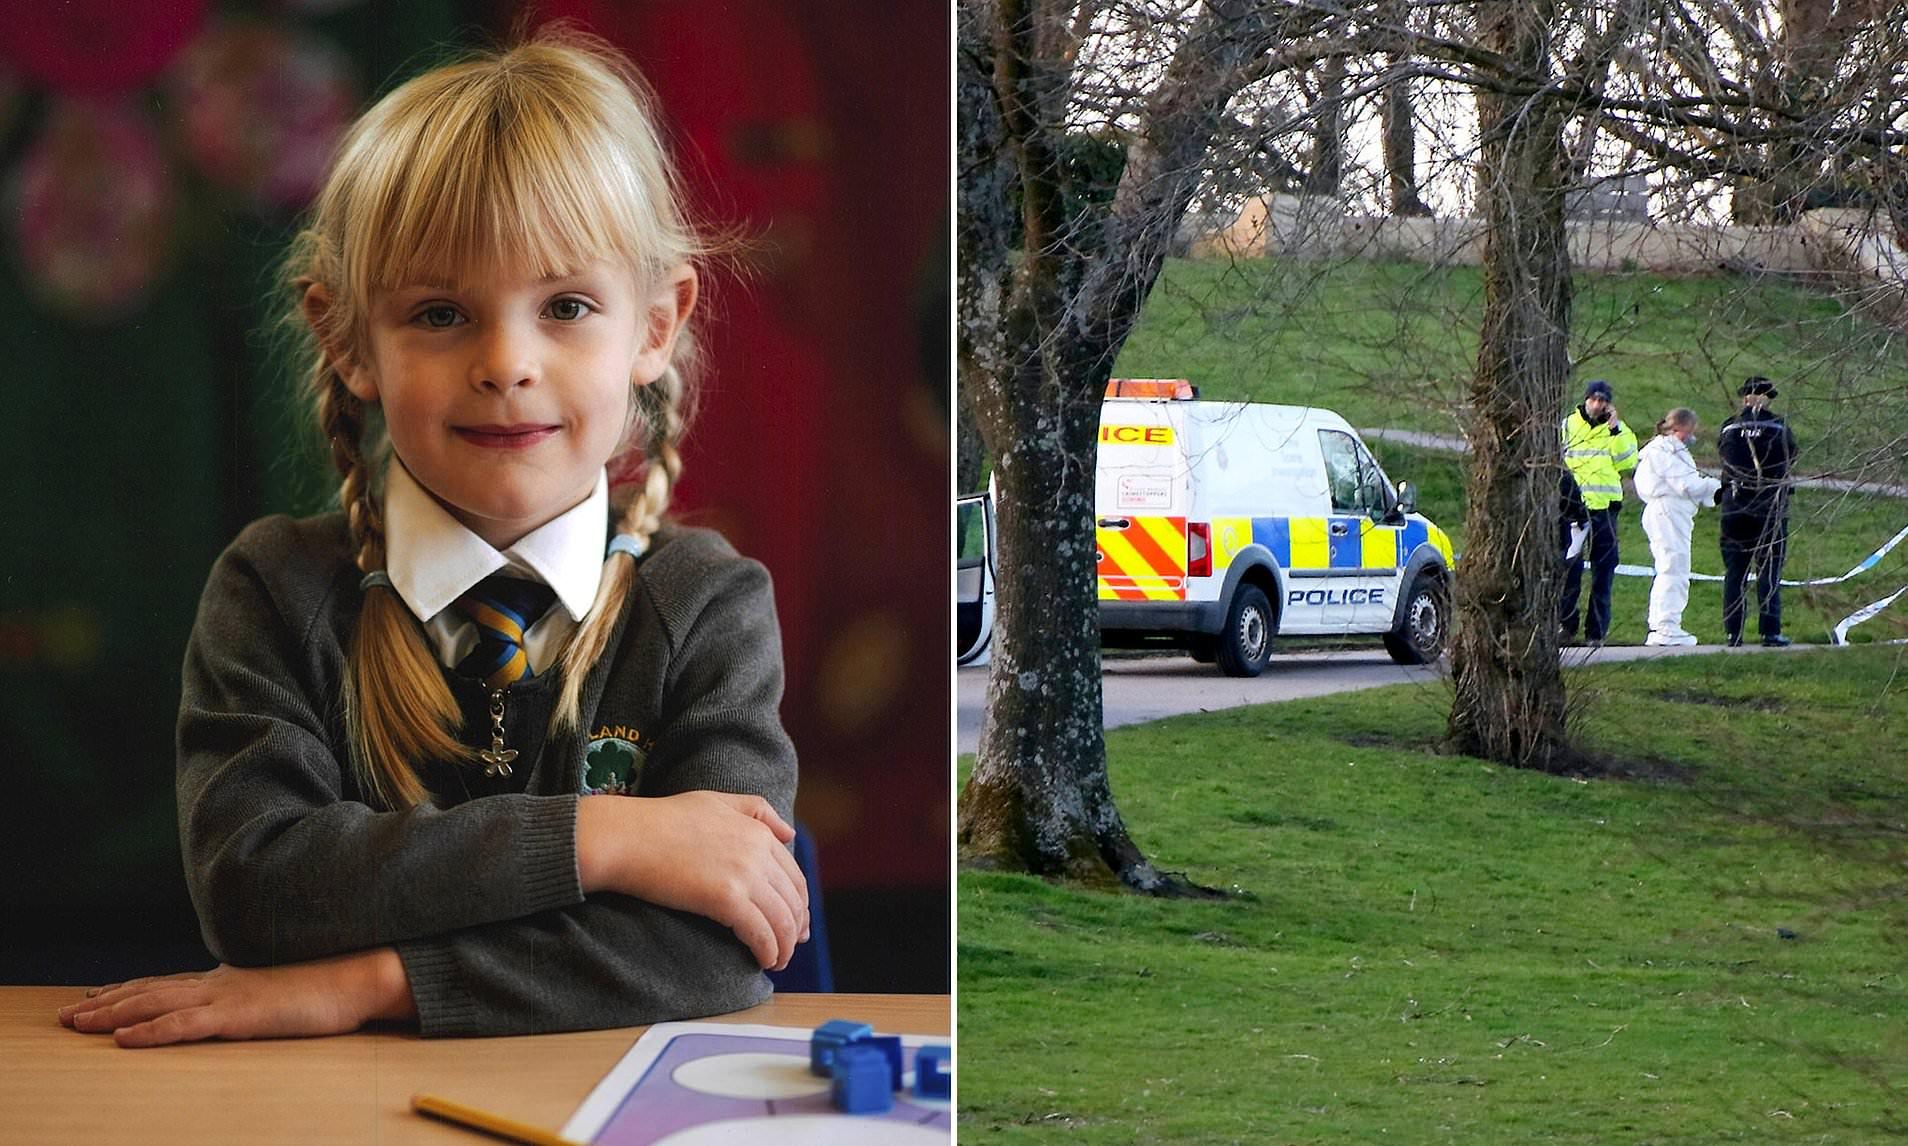 Krimi makabër në Angli/ Shqiptarja shpallet fajtore për vrasjen me thikë të 7-vjeçares përpara syve të nënës së saj të tmerruar por mohon vrasjen